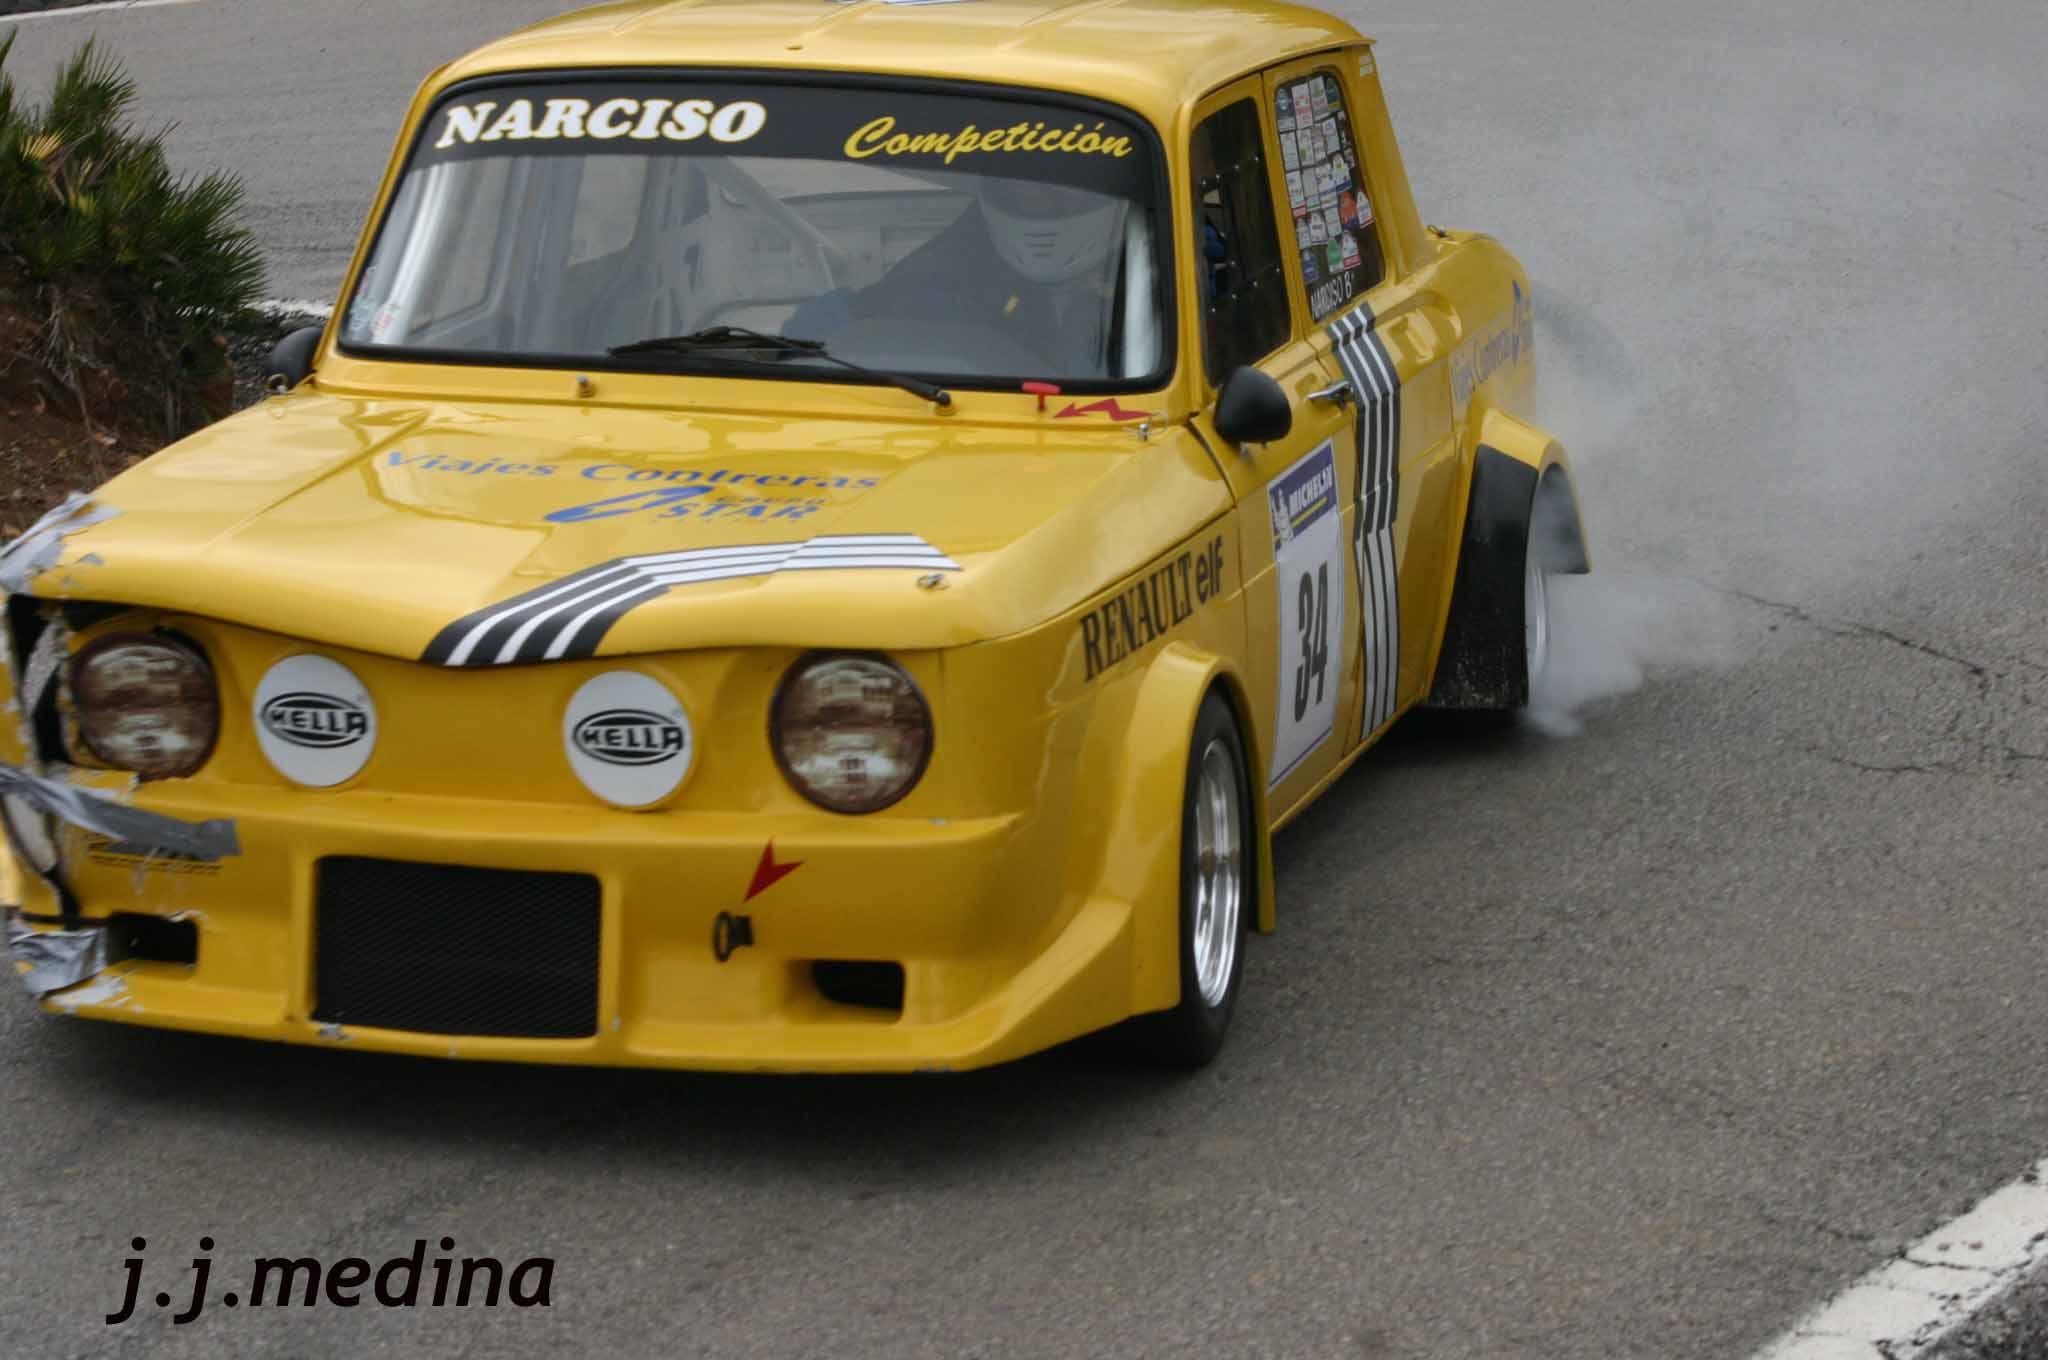 R8 Gordini De Narciso Carrillo En Carreras En Cuesta El Foro De Pieldetoro Net